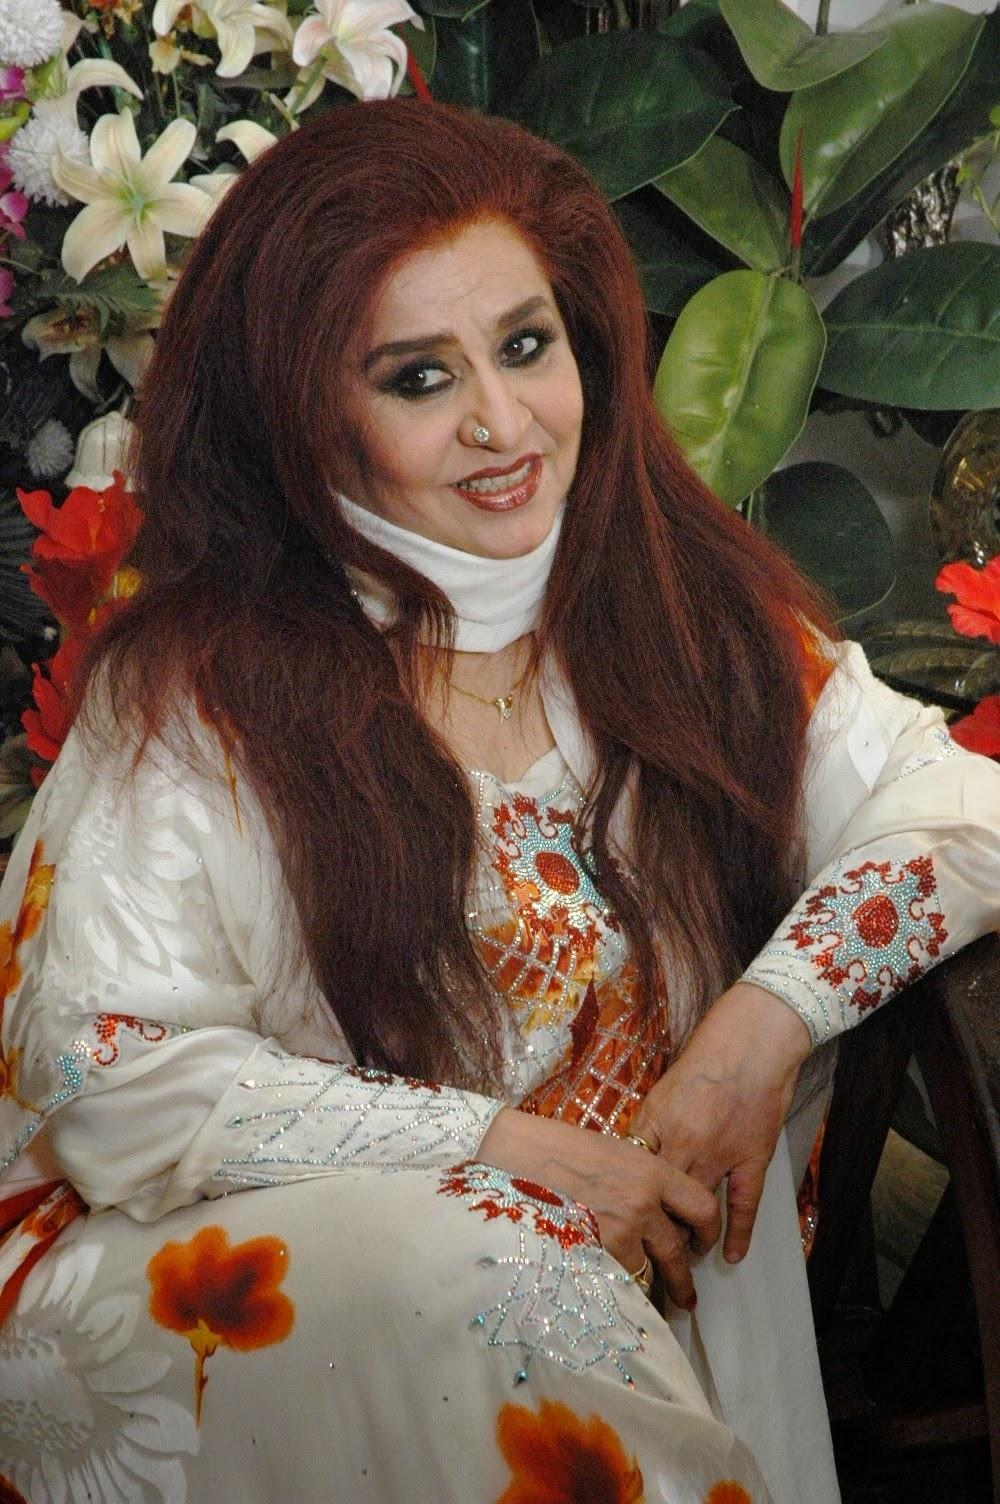 Shahnaz hussain oro facial